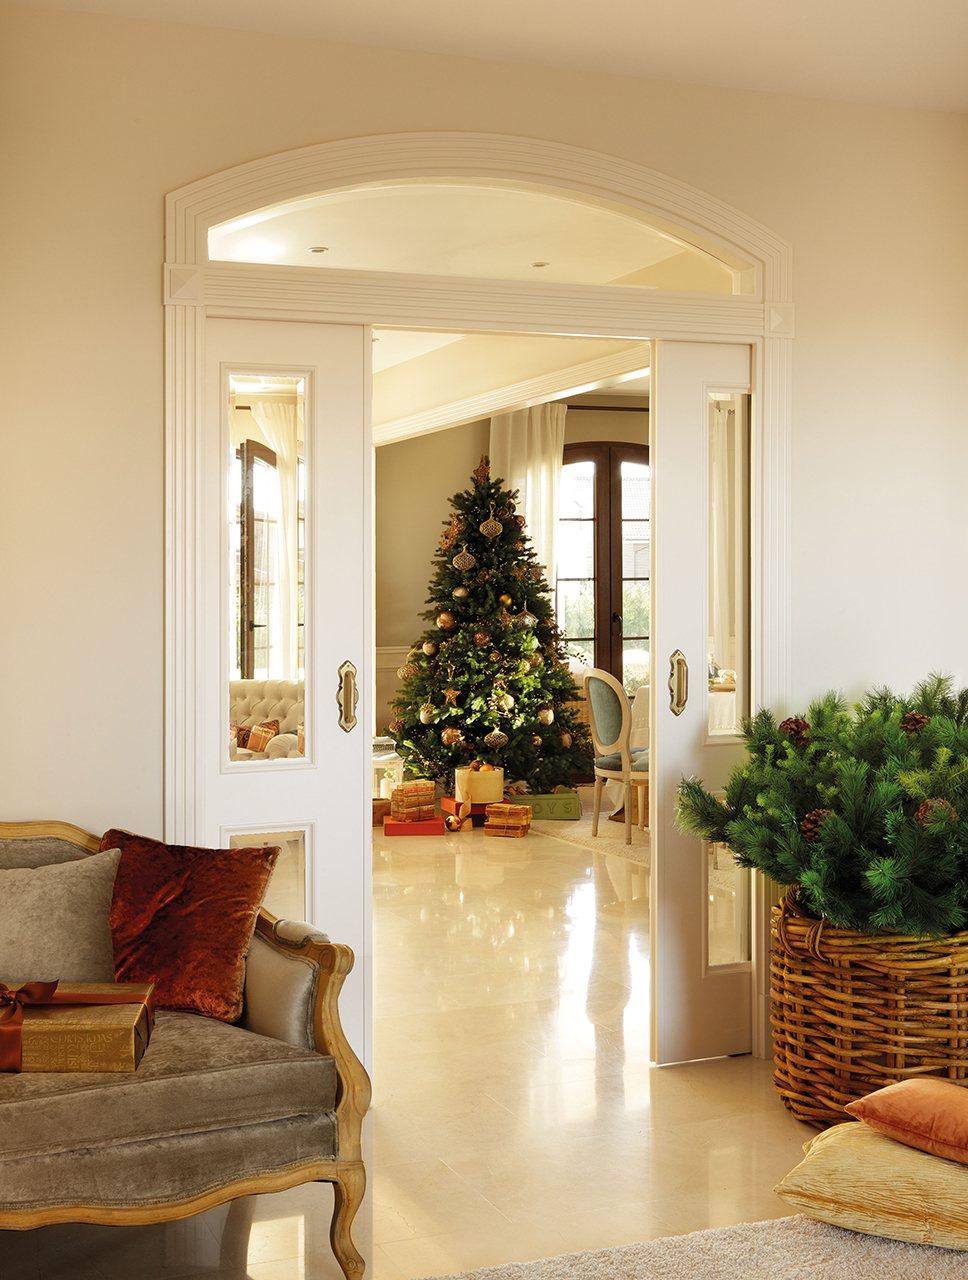 Una casa de navidad para disfrutar en familia for Salones decorados para navidad